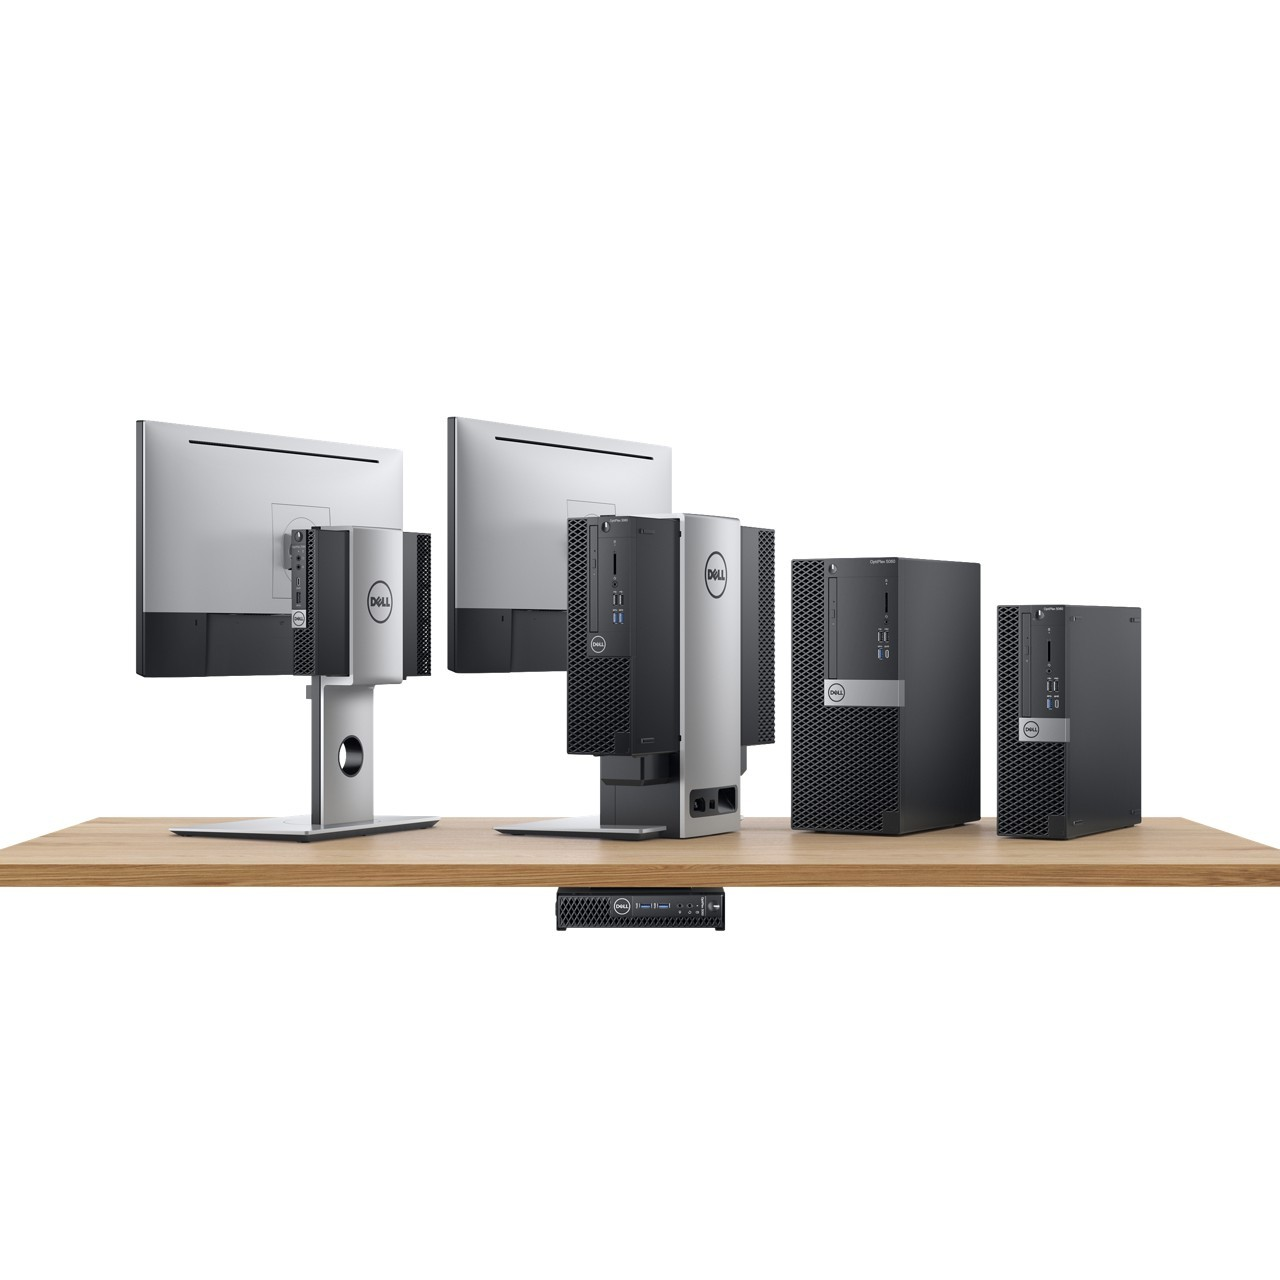 Dell: Neue Optiplex-Systeme in drei Größen und mit Dual-GPUs - Dell Optiplex (Bild: Dell)